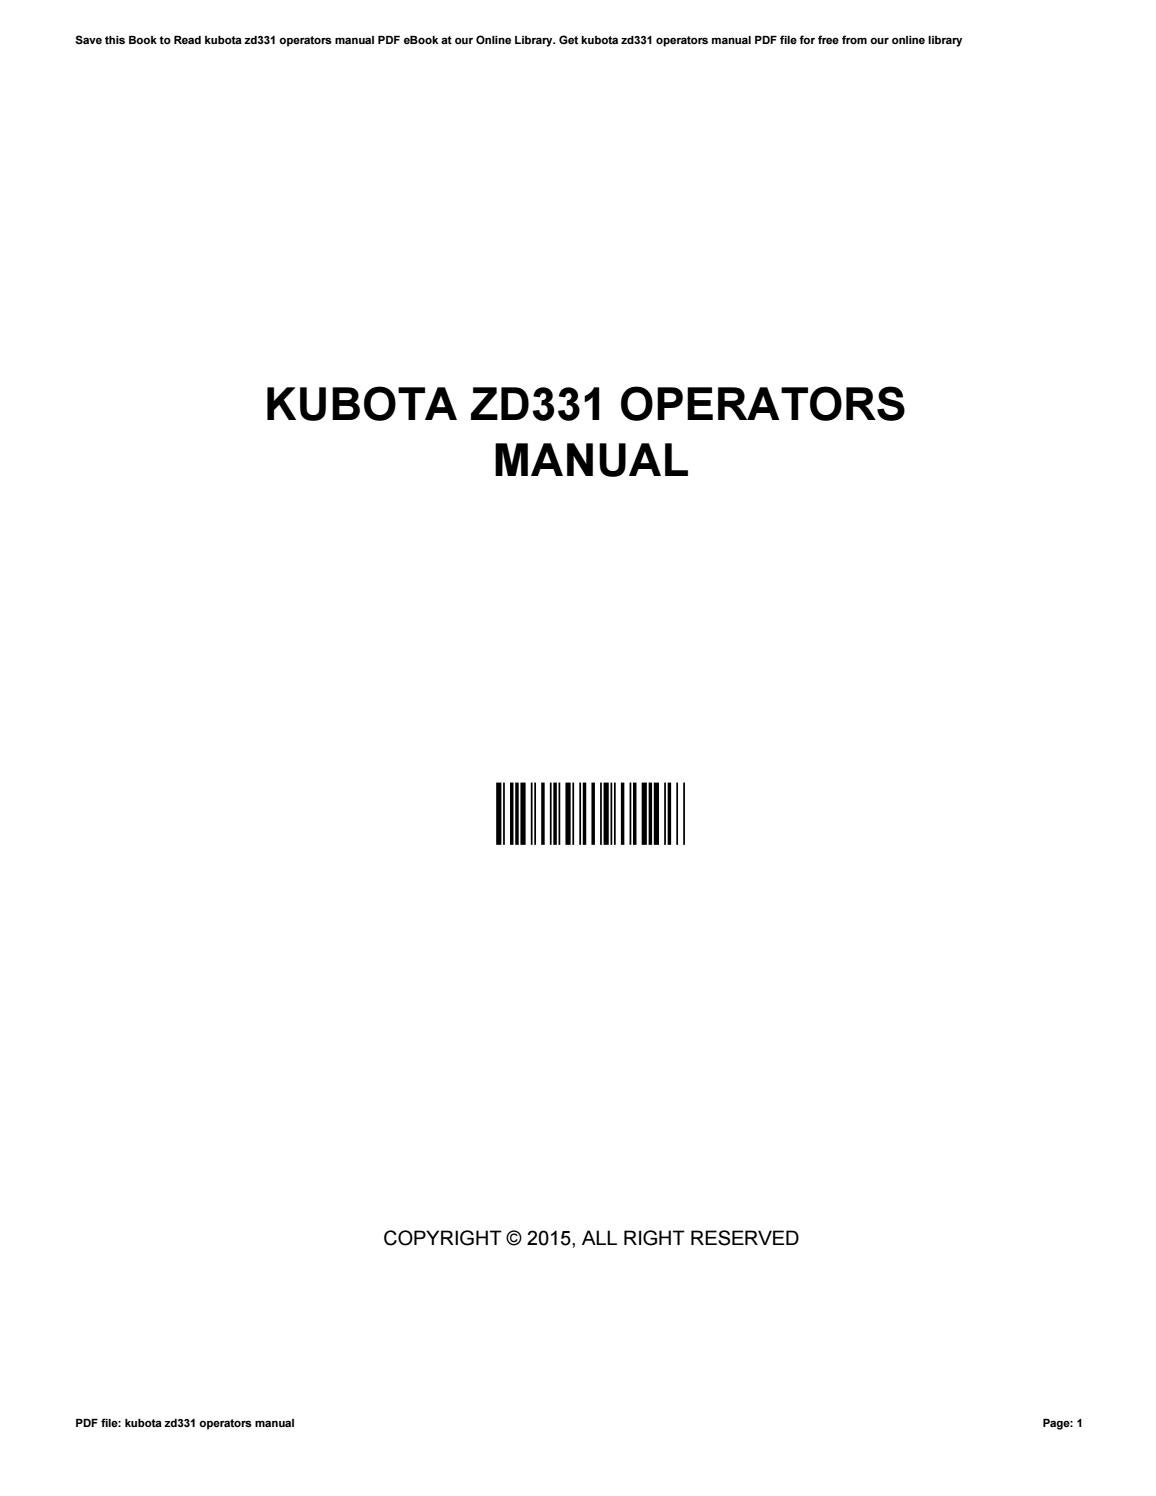 Kubota Zd331 Wiring Diagrams | Wiring Liry on